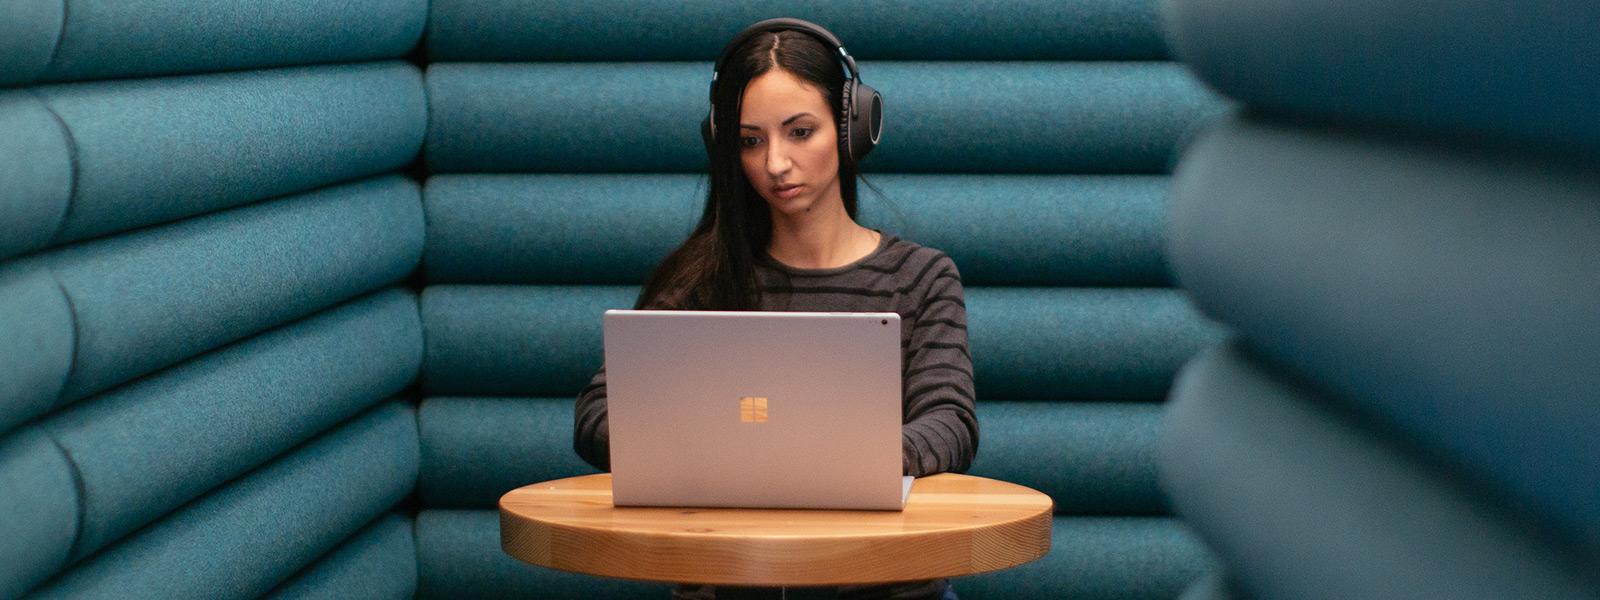 Ženska tiho sedi in dela z računalnikom s sistemom Windows 10, medtem ko prek slušalk posluša glasbo